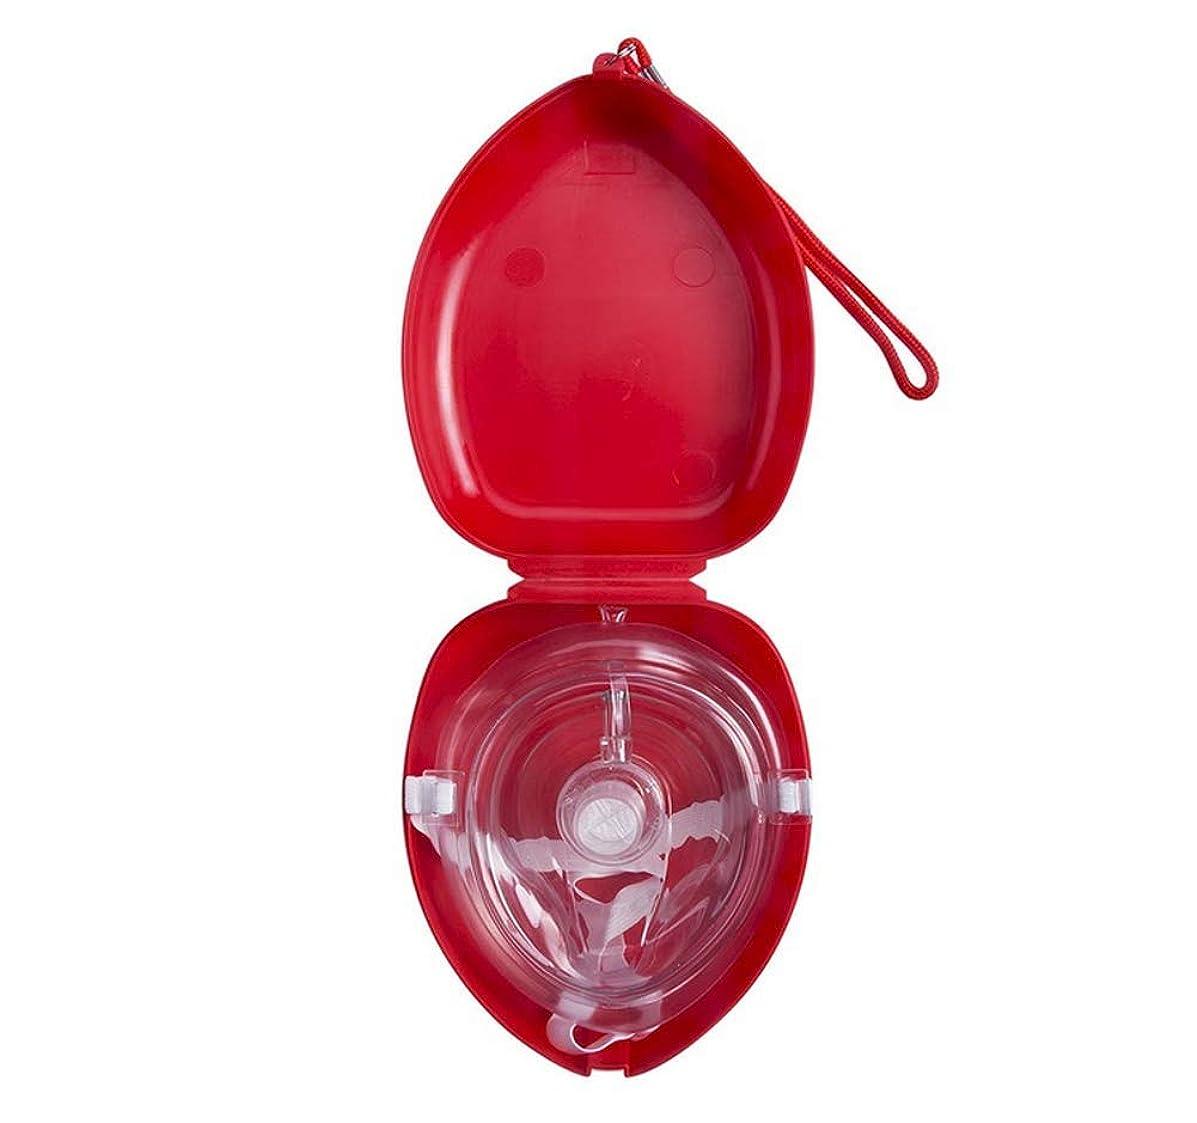 インチ体現する傾向があります応急処置 回復 CPRマスク 顔面鼻バリア 携帯用感染防止マスク 家族旅行、アウトドア、旅行 (ワンサイズ)